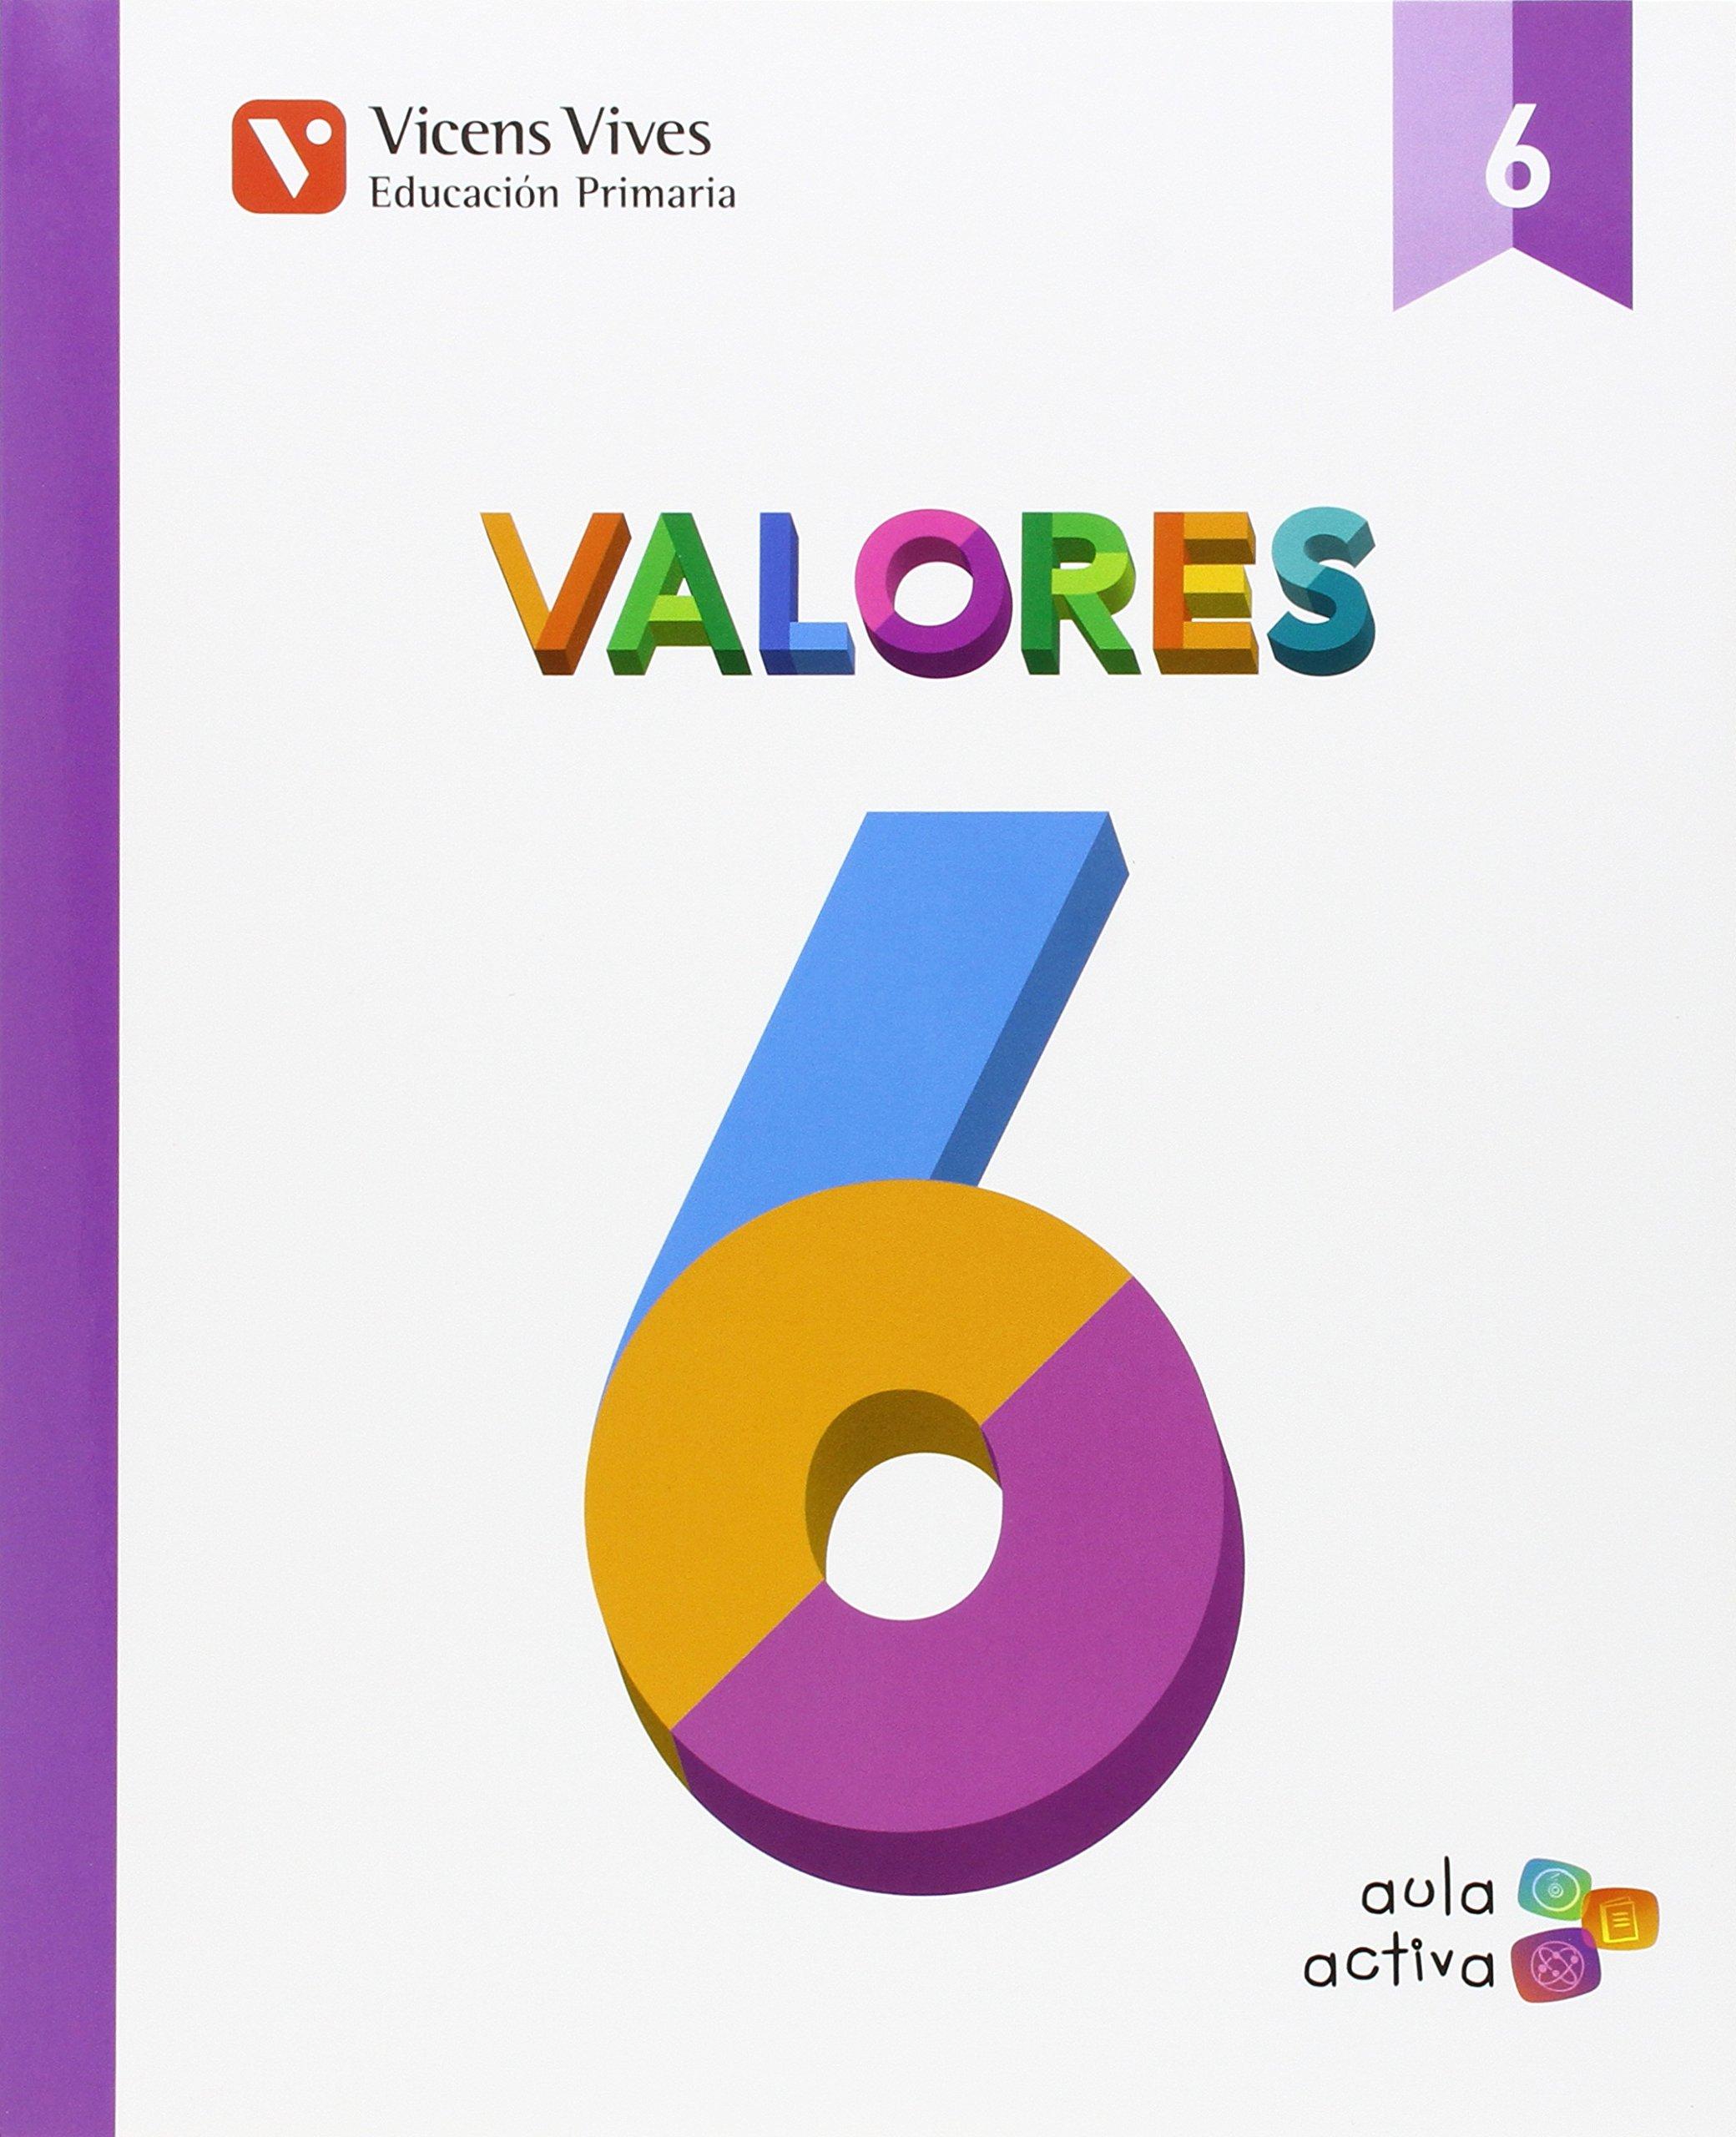 VALORES 6ºEP MEC 15 AULA ACTIVA VICETI16EP PDF